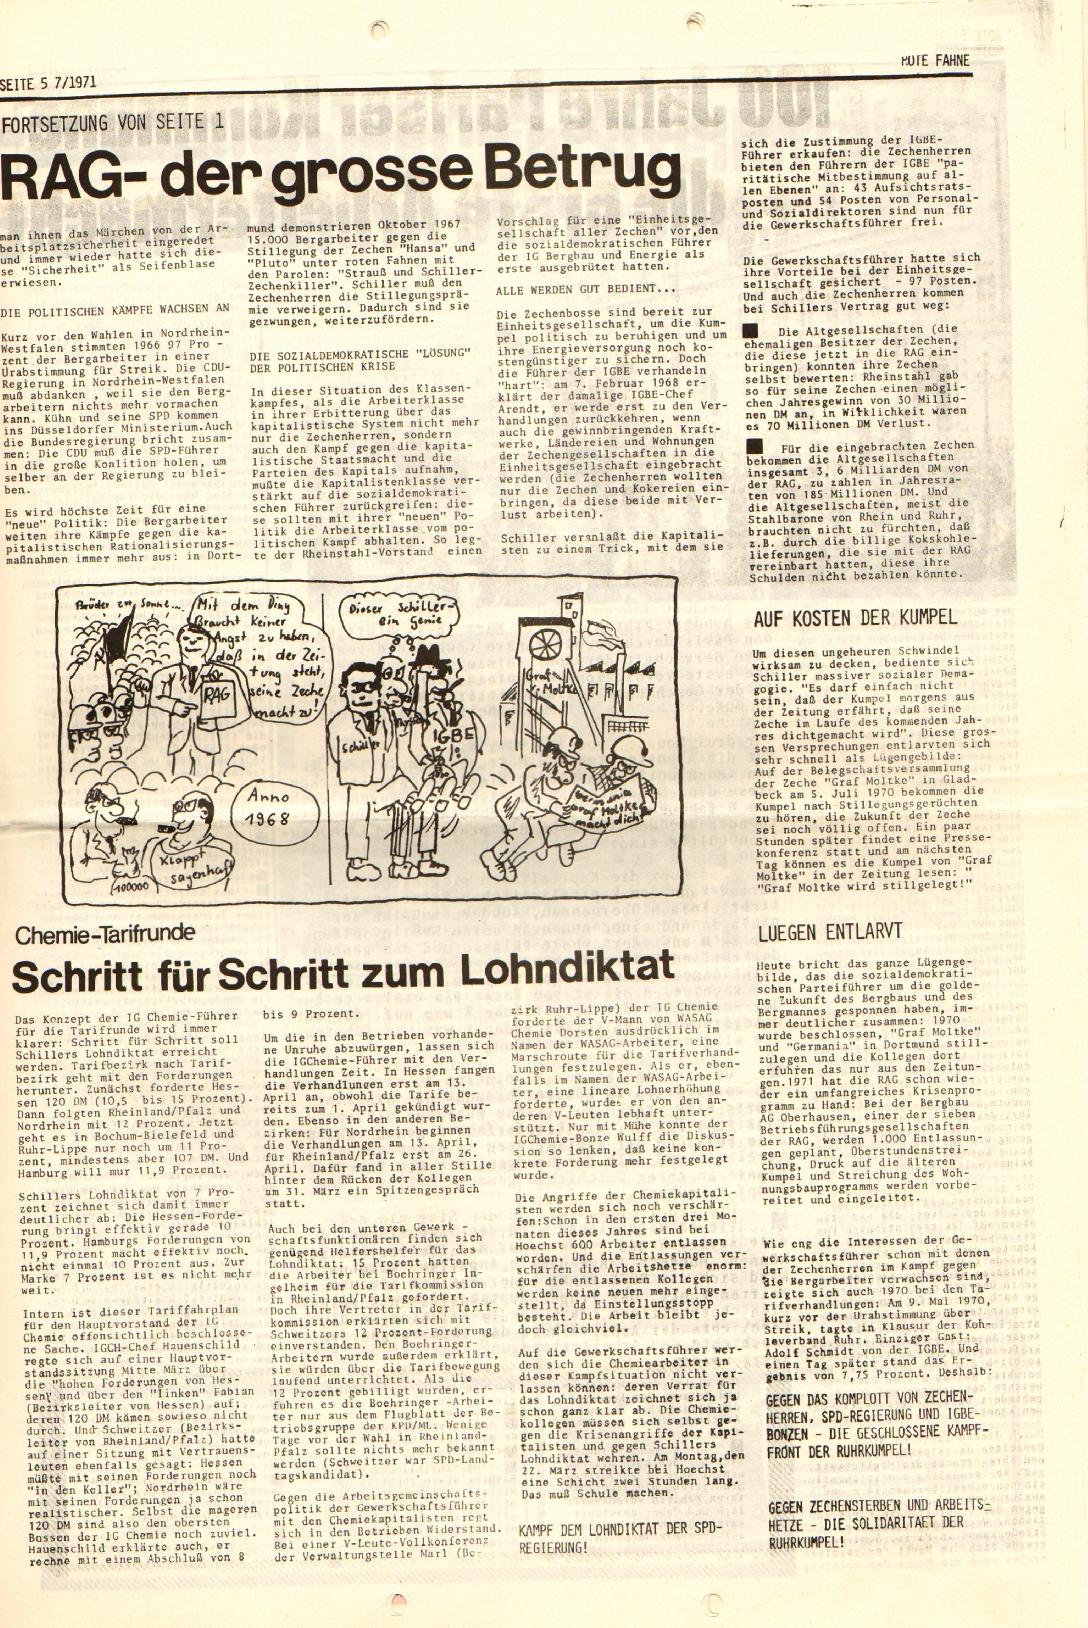 Rote Fahne, 2. Jg., 12.4.1971, Nr. 7, Seite 5